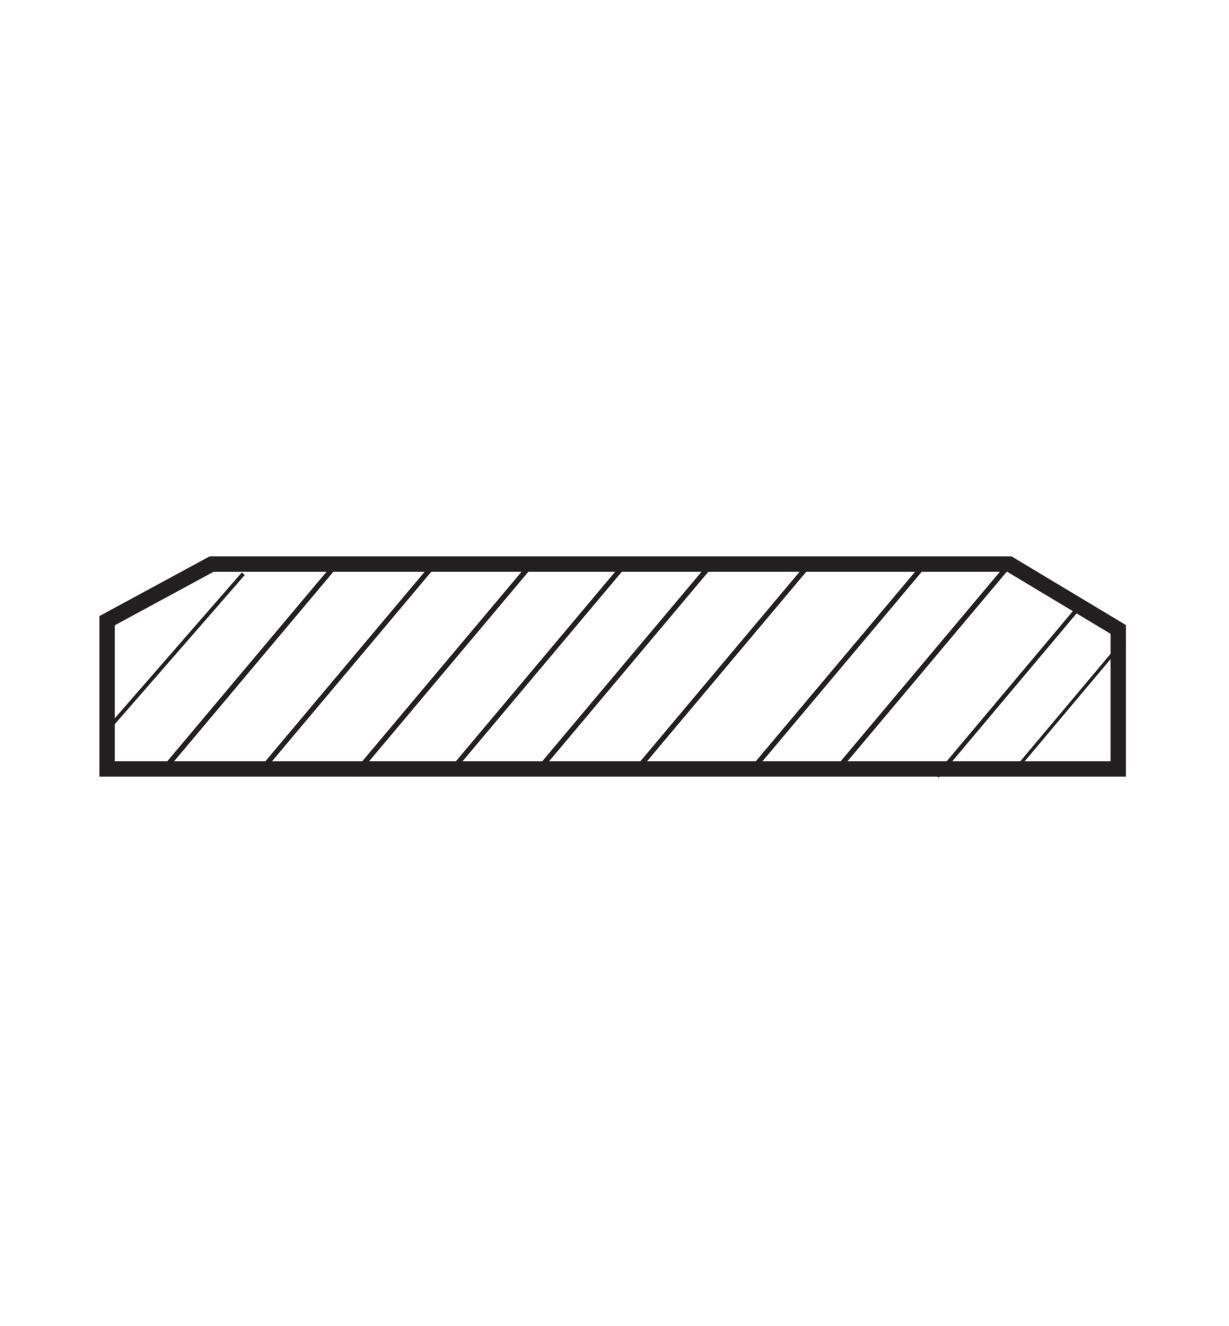 Narex Classic Bevel-Edge Chisels